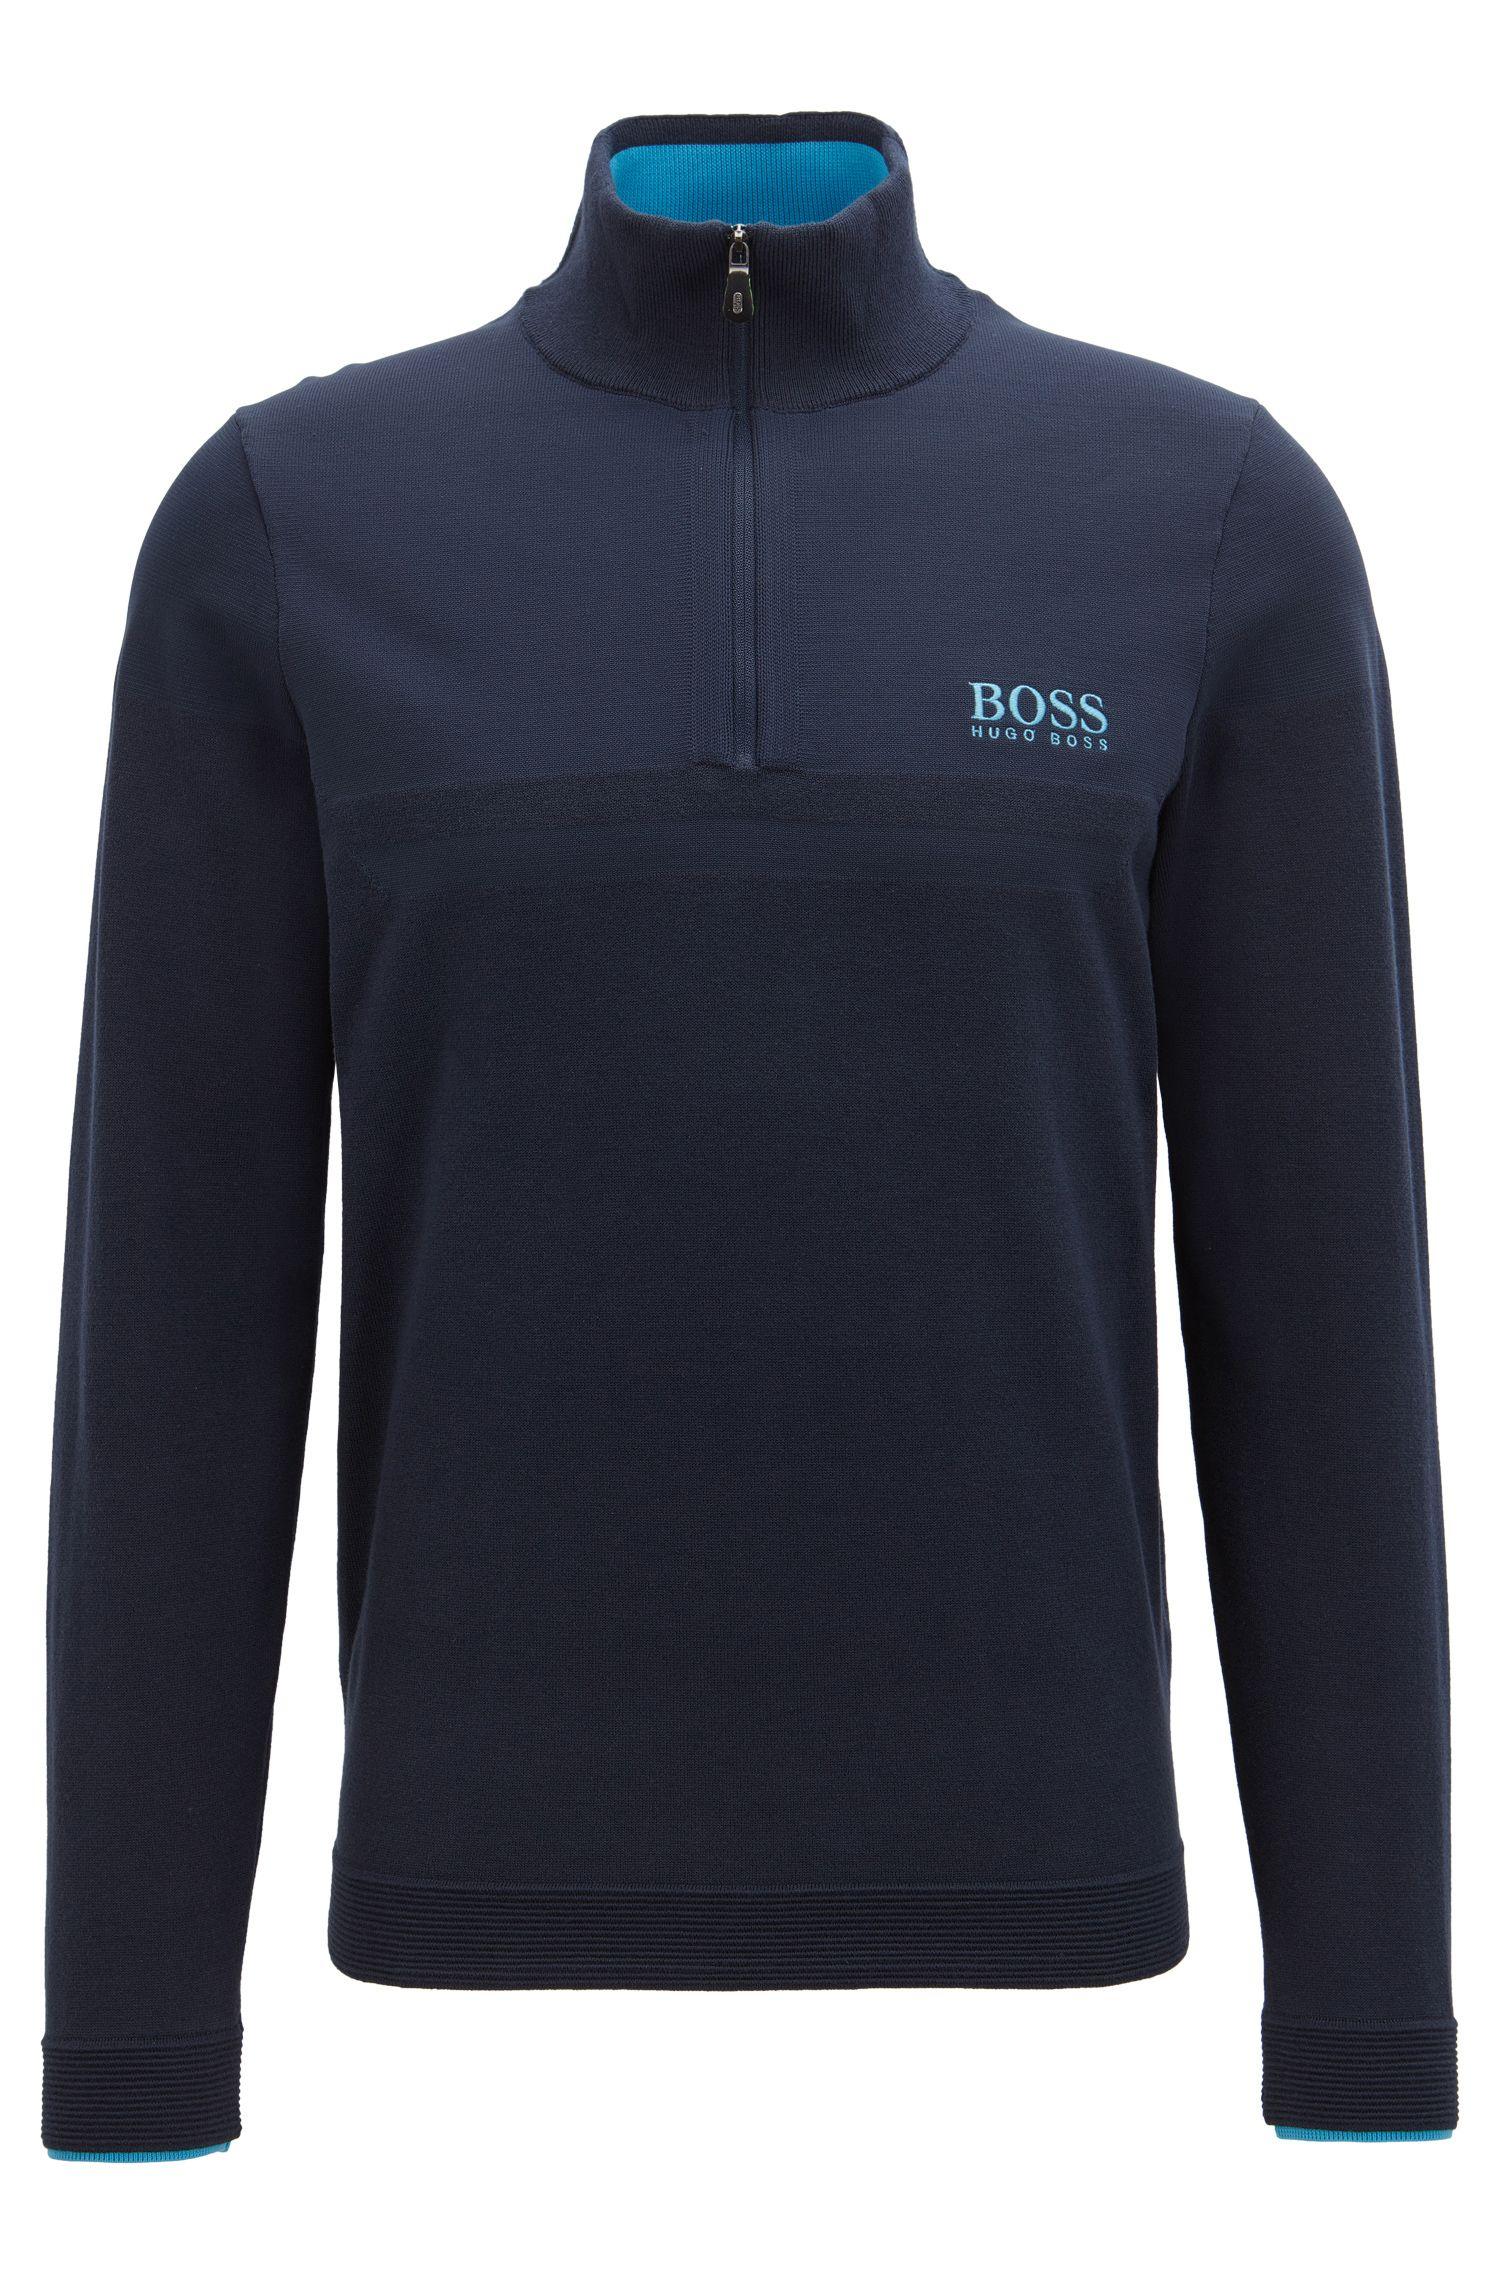 Pullover mit COOLMAX®-Technologie und Reißverschluss am Stehkragen